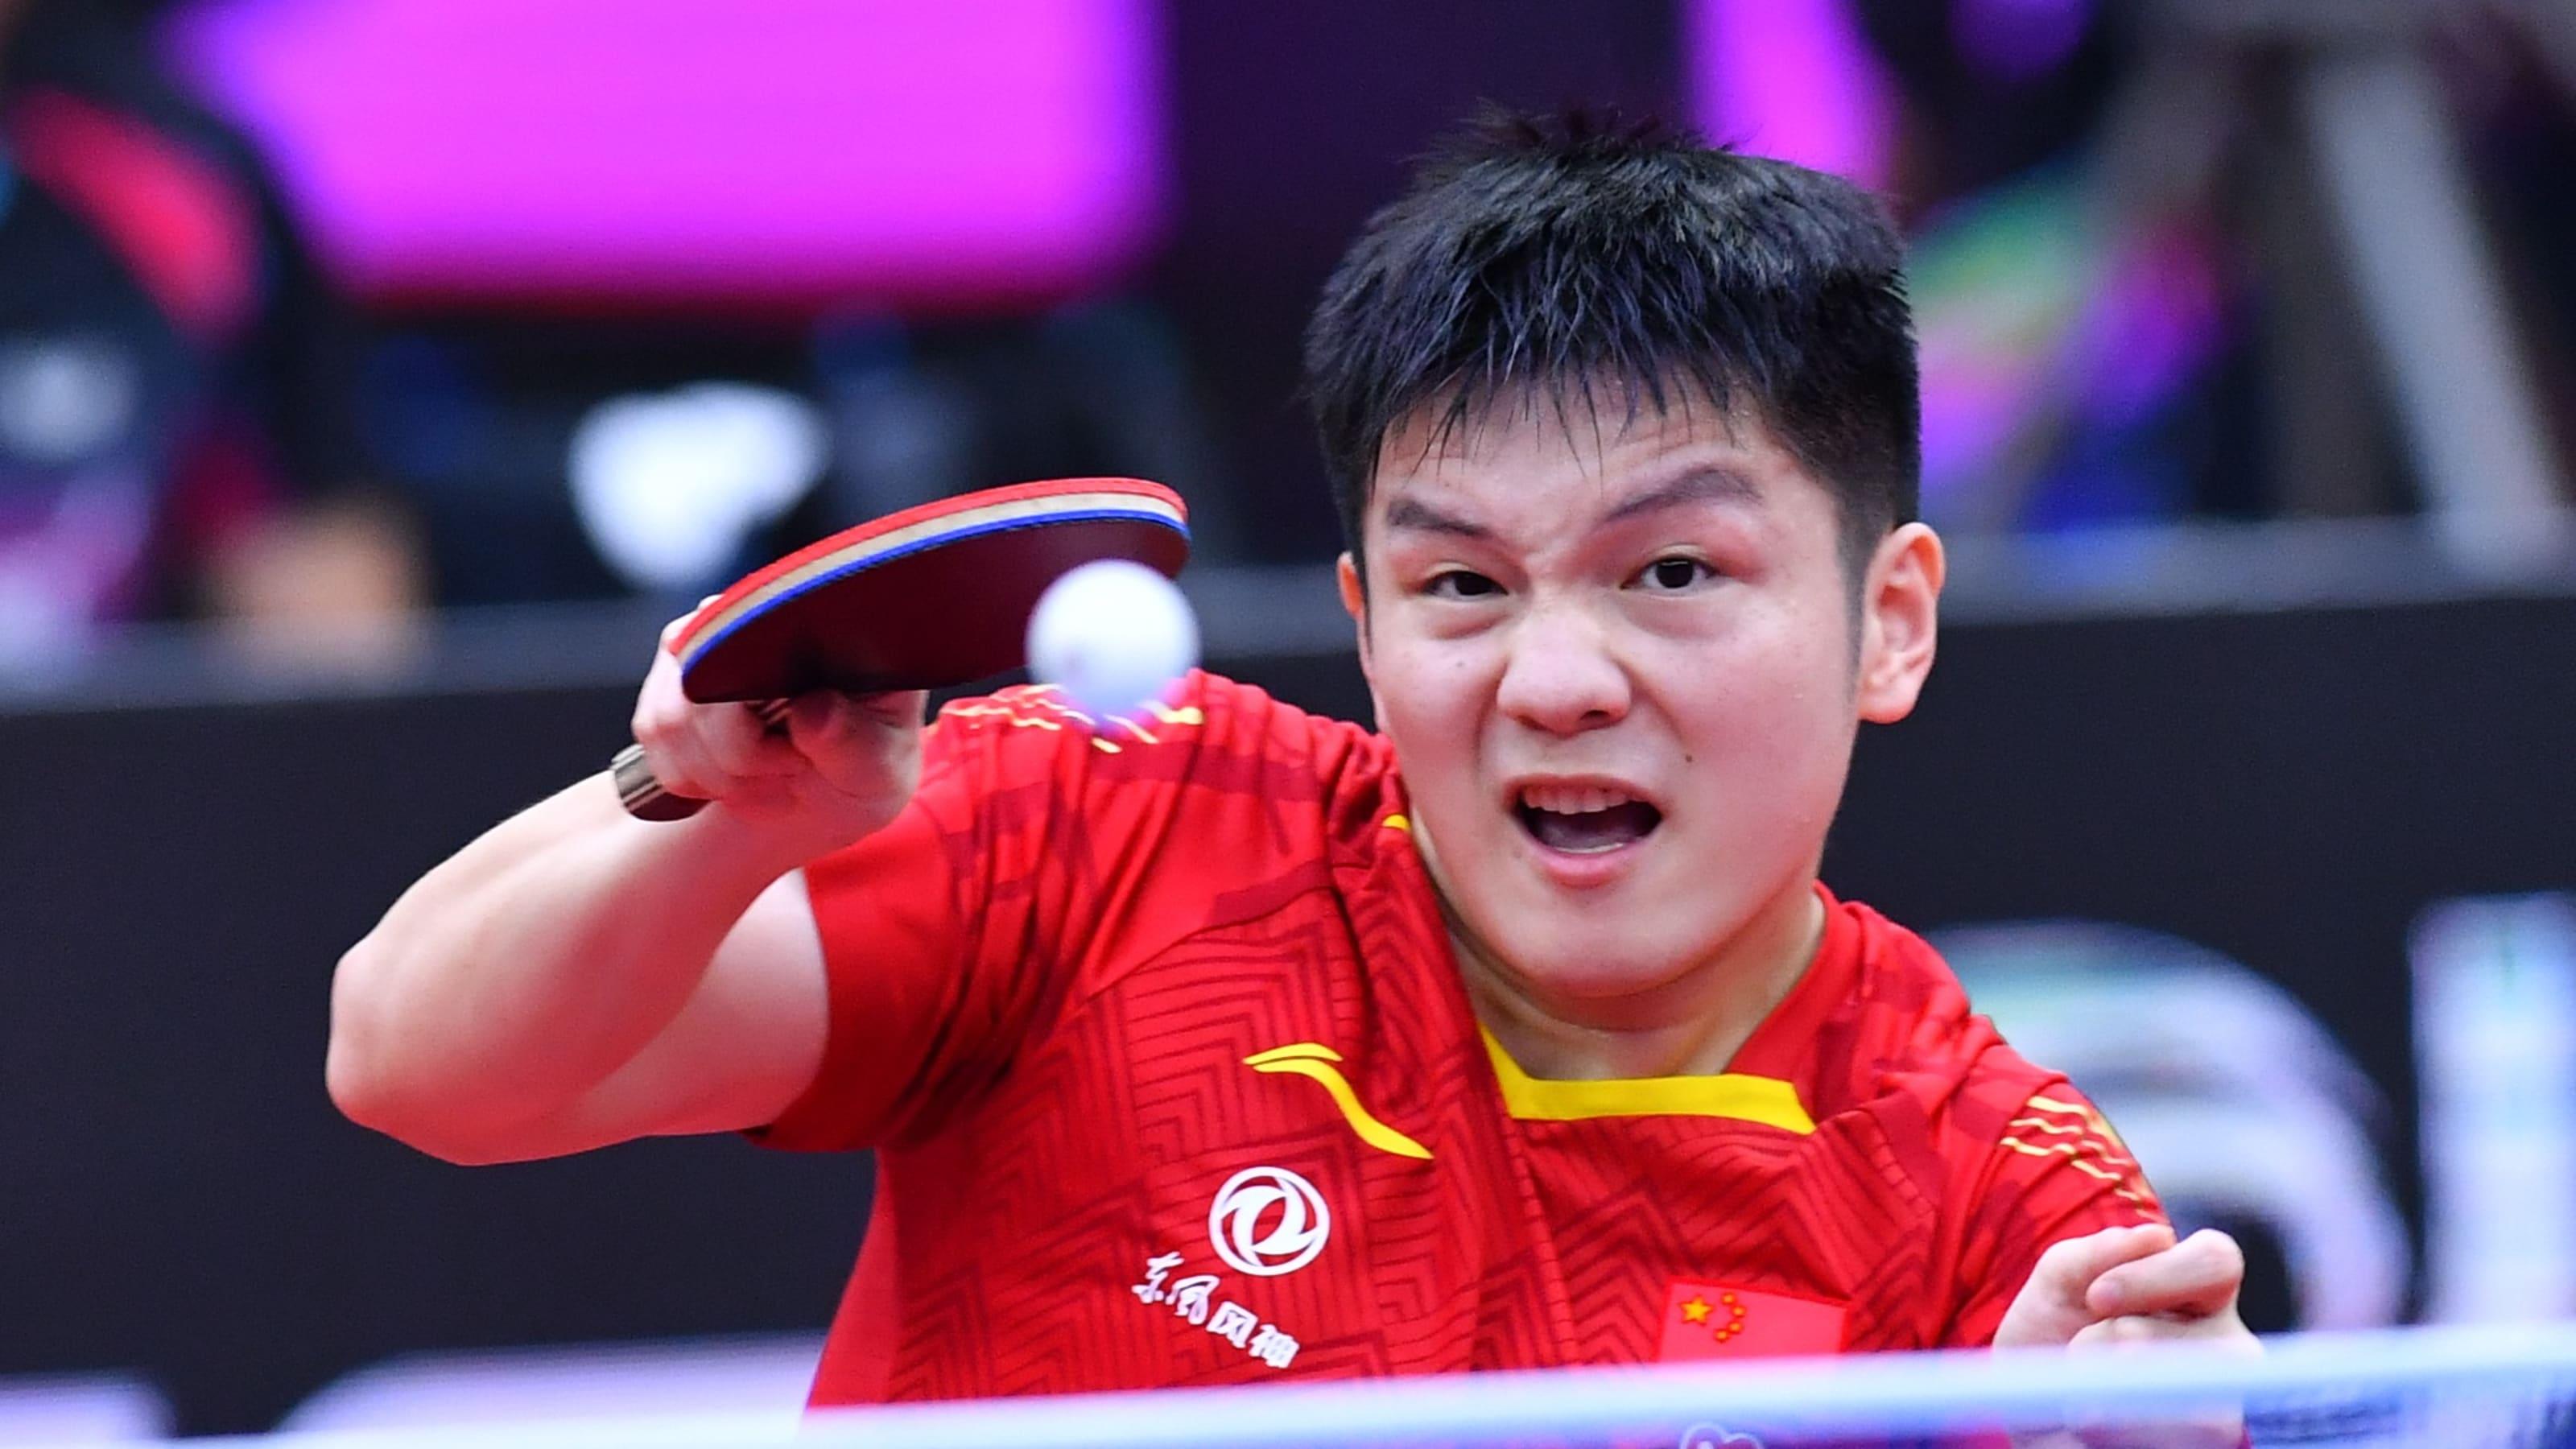 Fan Zhendon of China